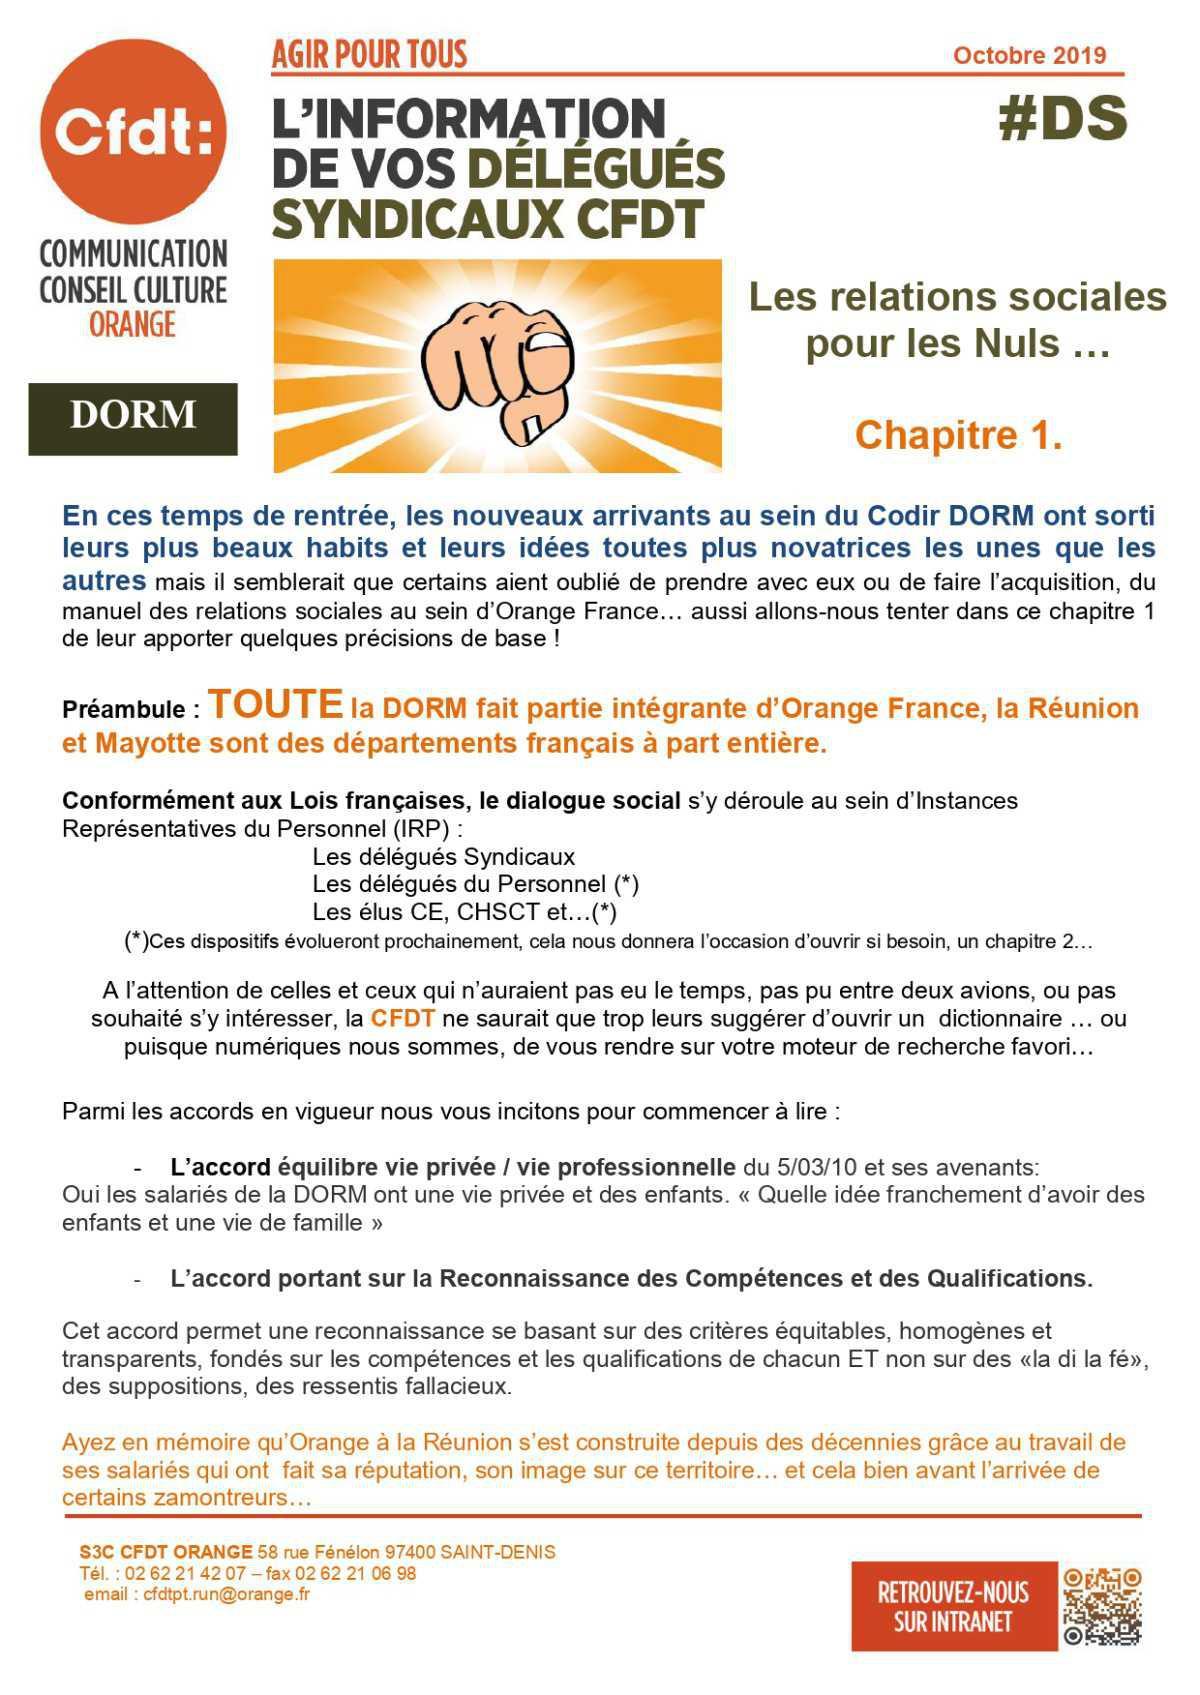 #DS - Les Relations Sociales pour les nuls